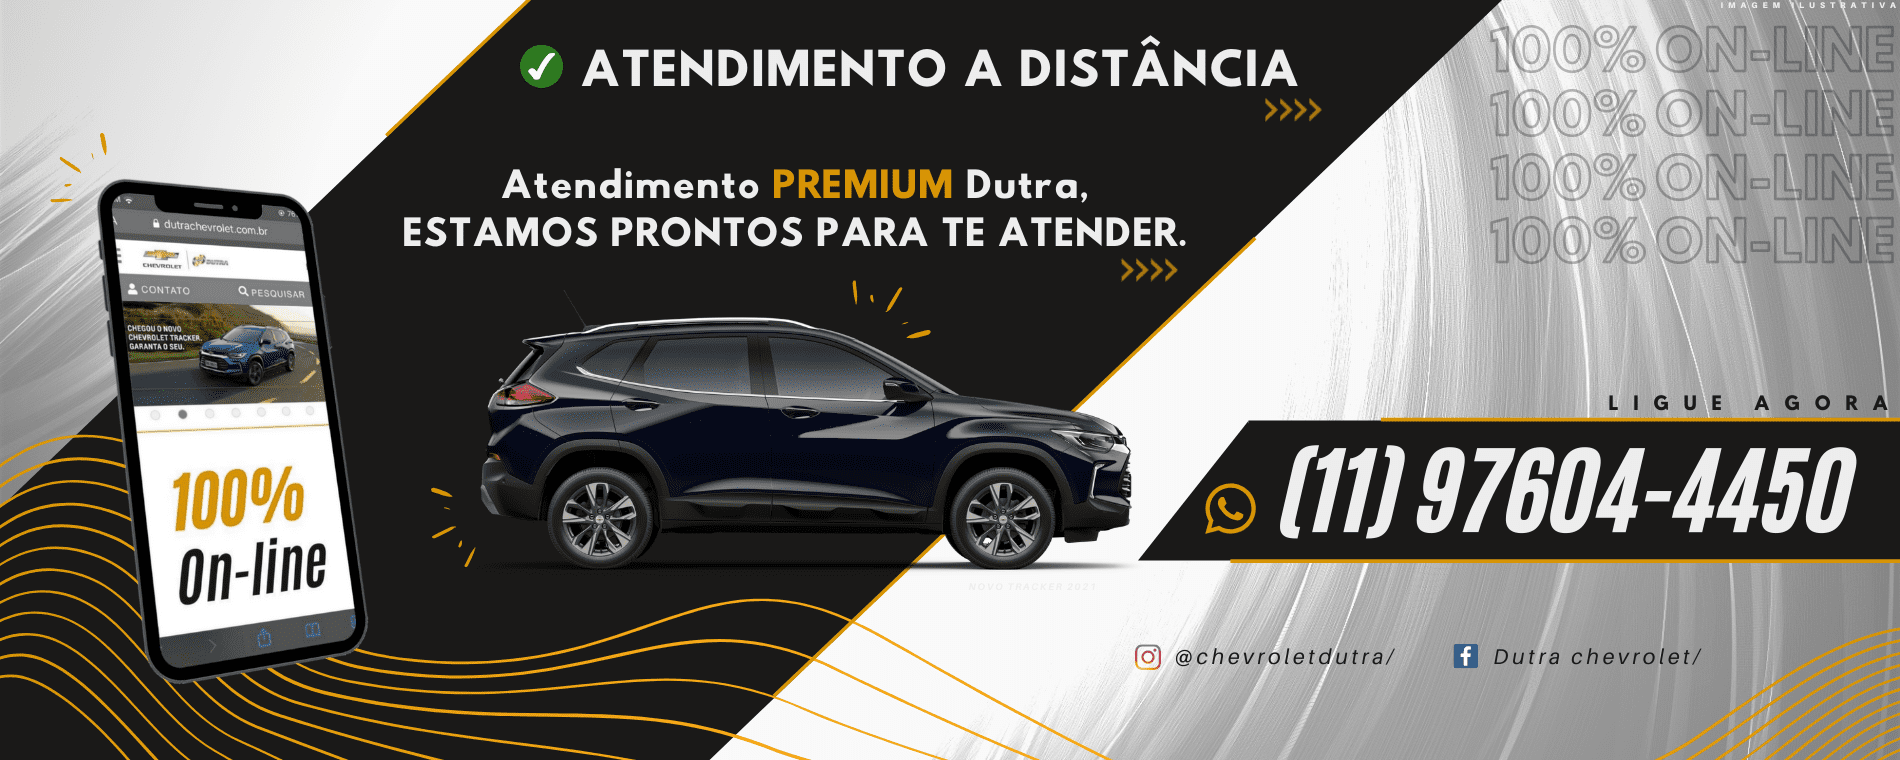 A Chevrolet Dutra está com atendimento 100% online. Entre em contato conosco!